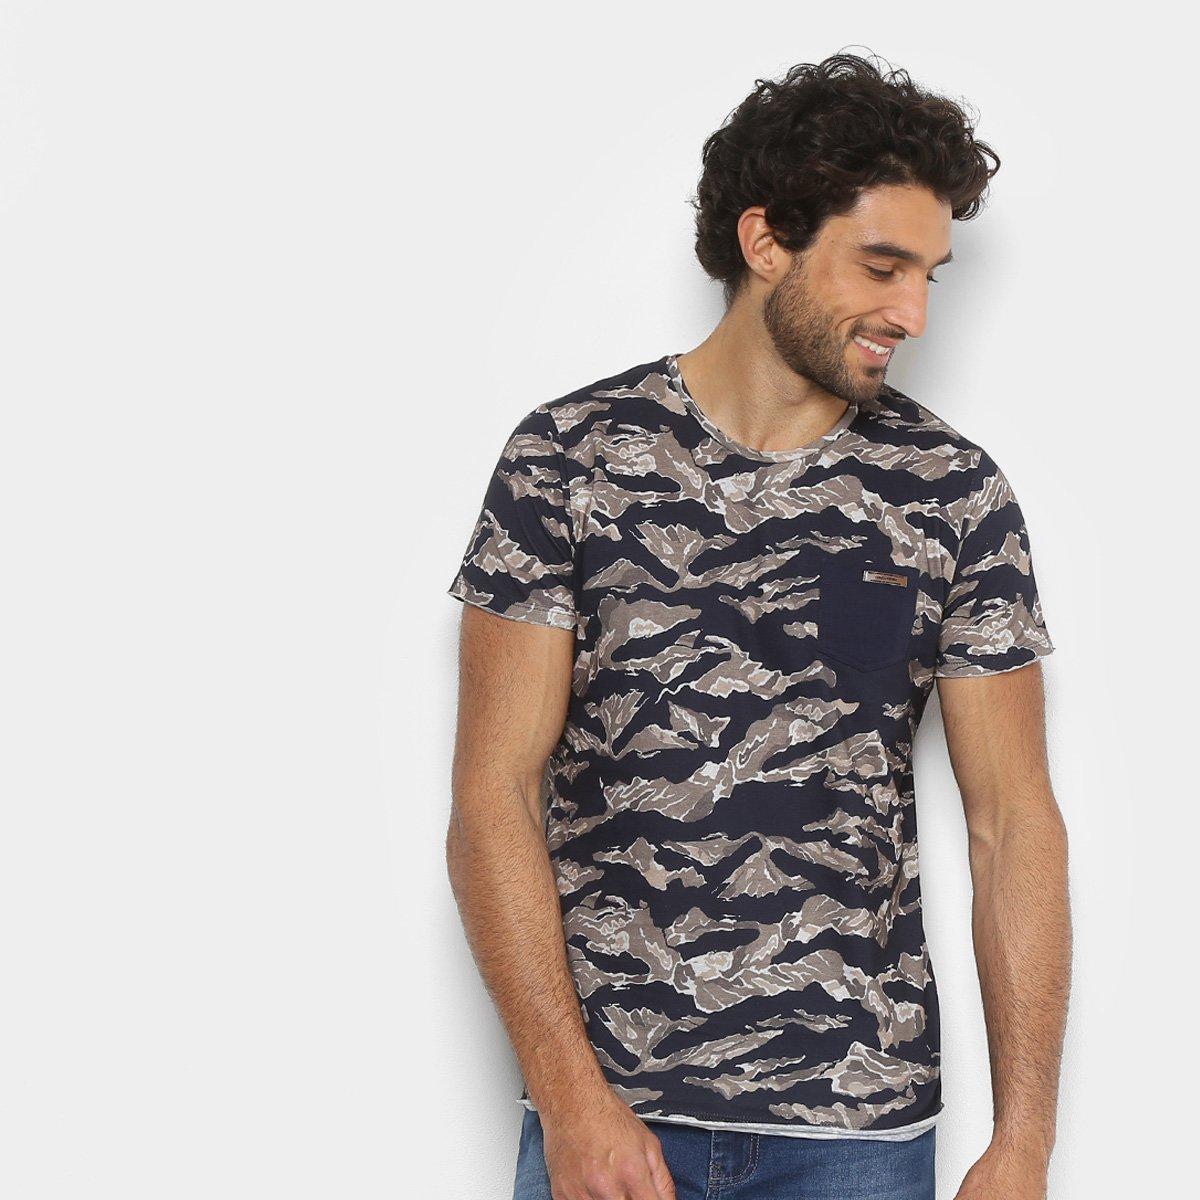 Camiseta Colcci Estampa Camuflada Masculina - Compre Agora  a86763623b2